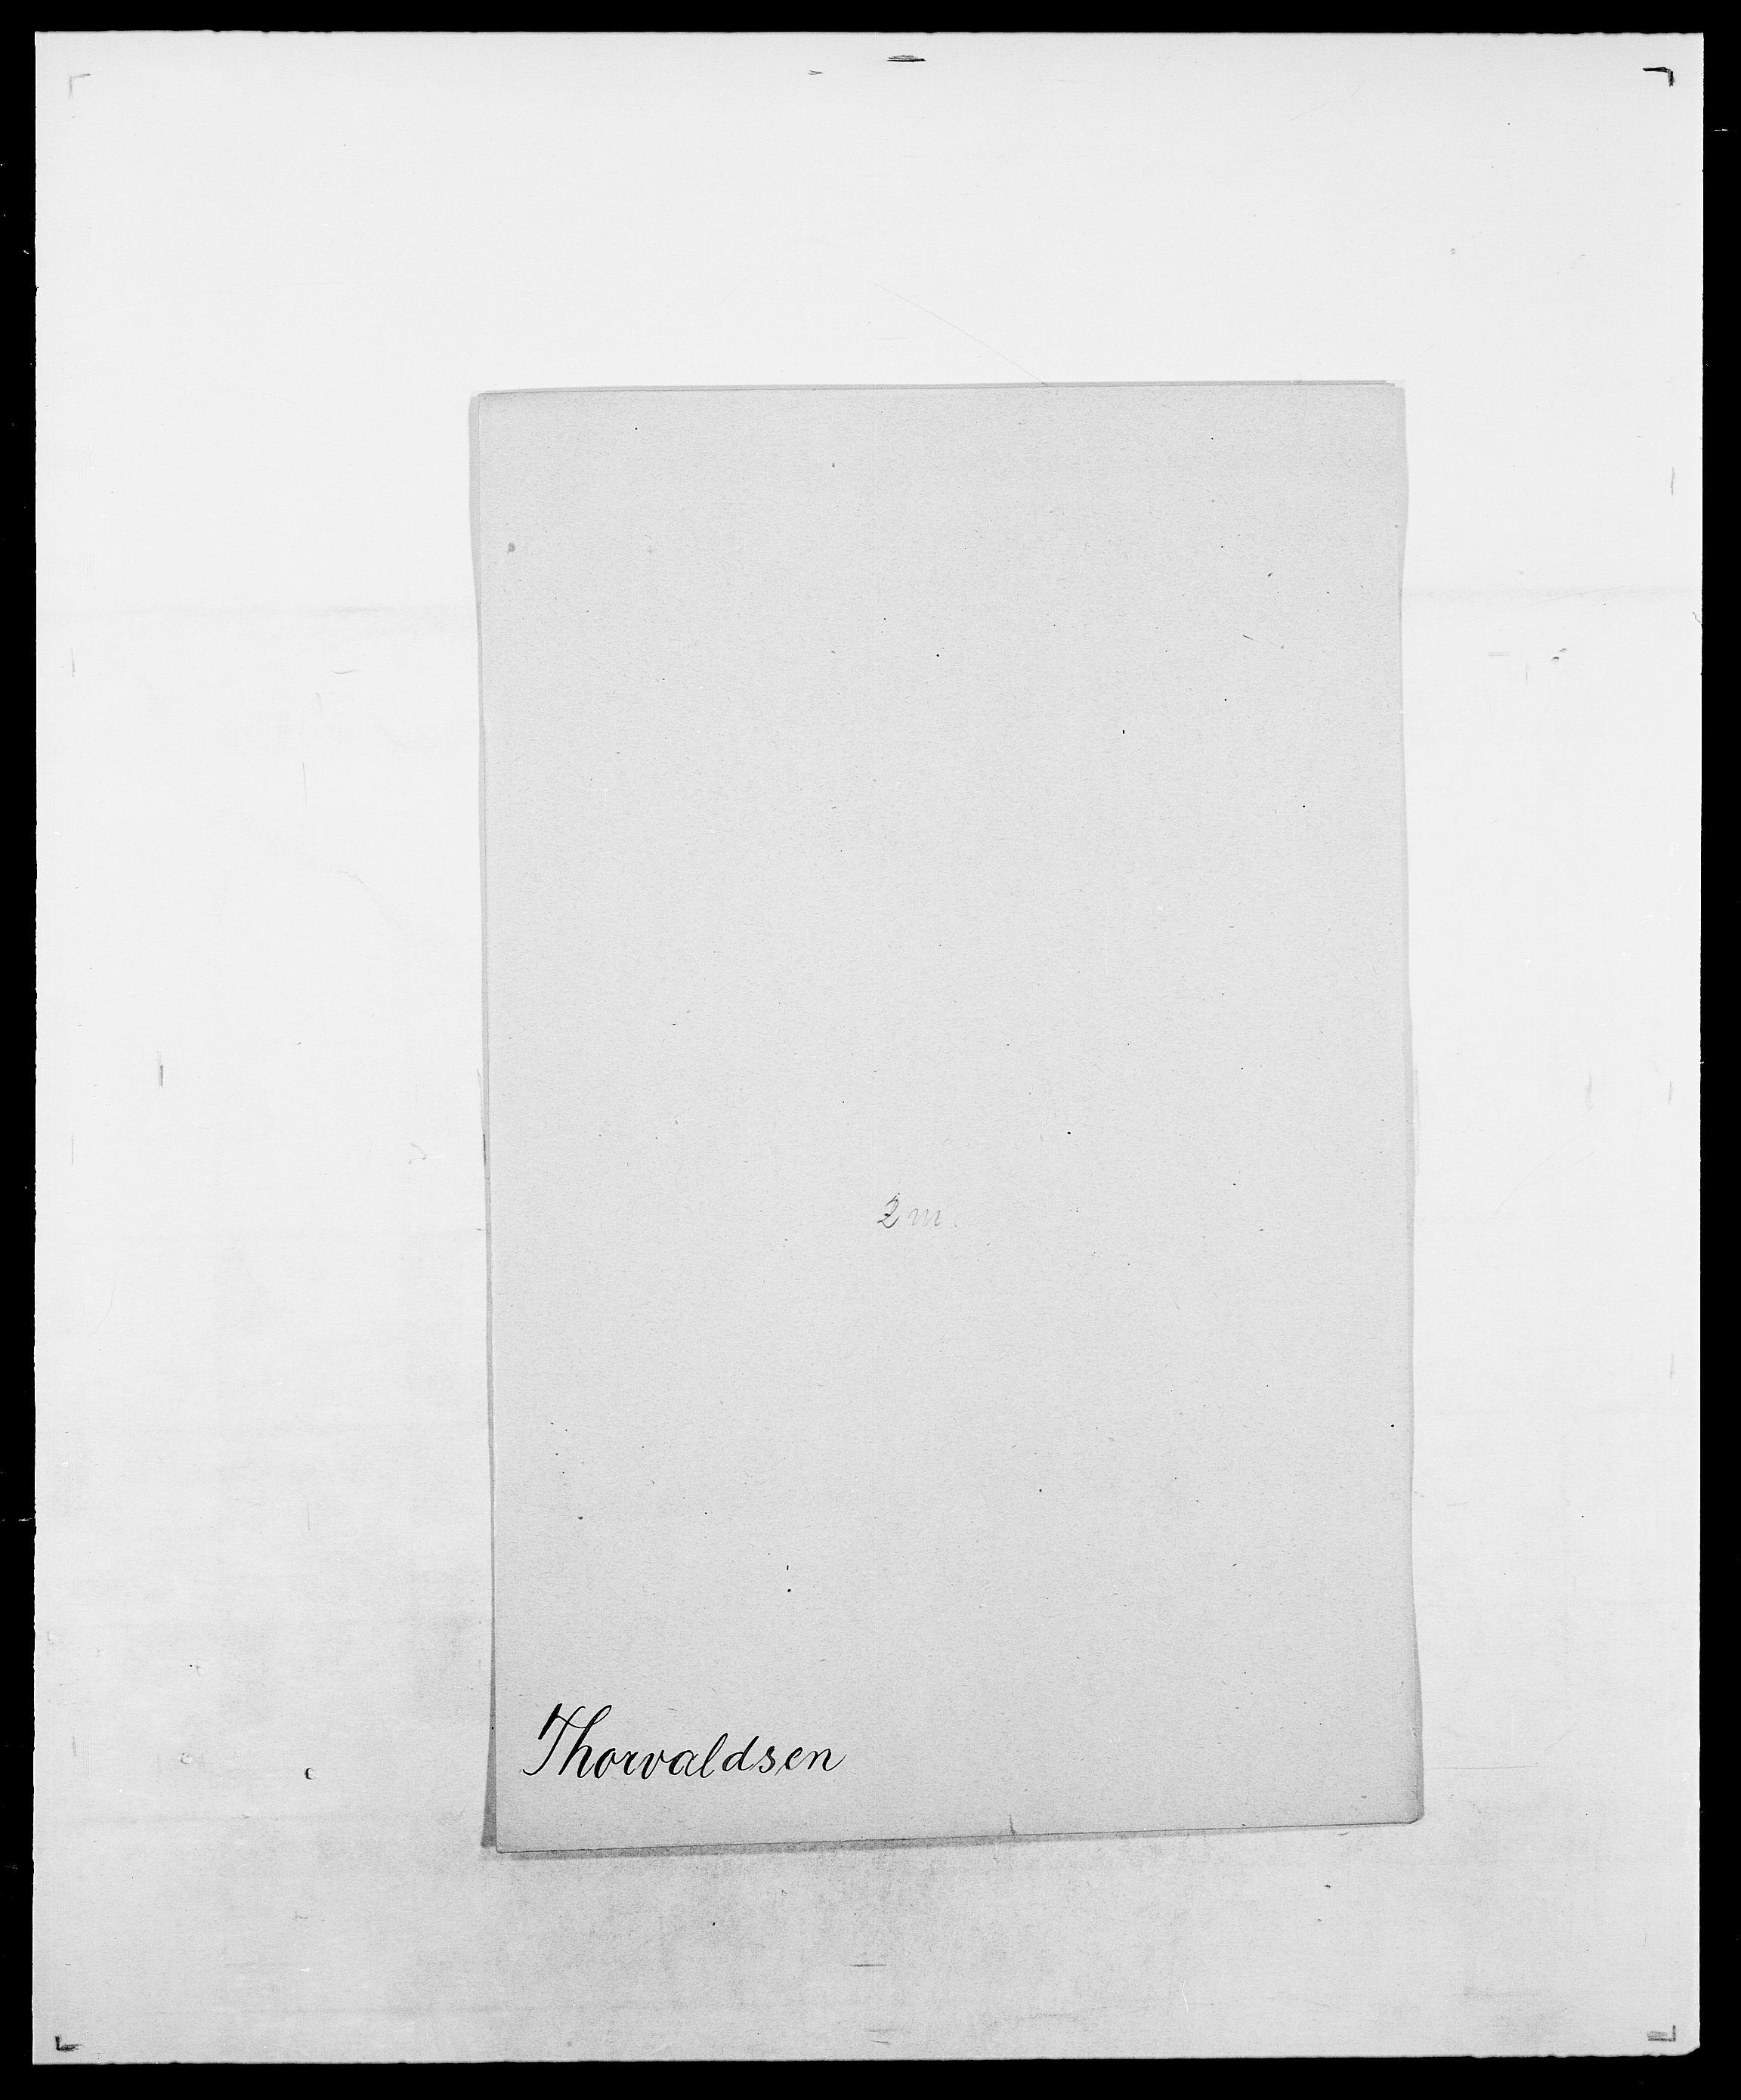 SAO, Delgobe, Charles Antoine - samling, D/Da/L0038: Svanenskjold - Thornsohn, s. 927